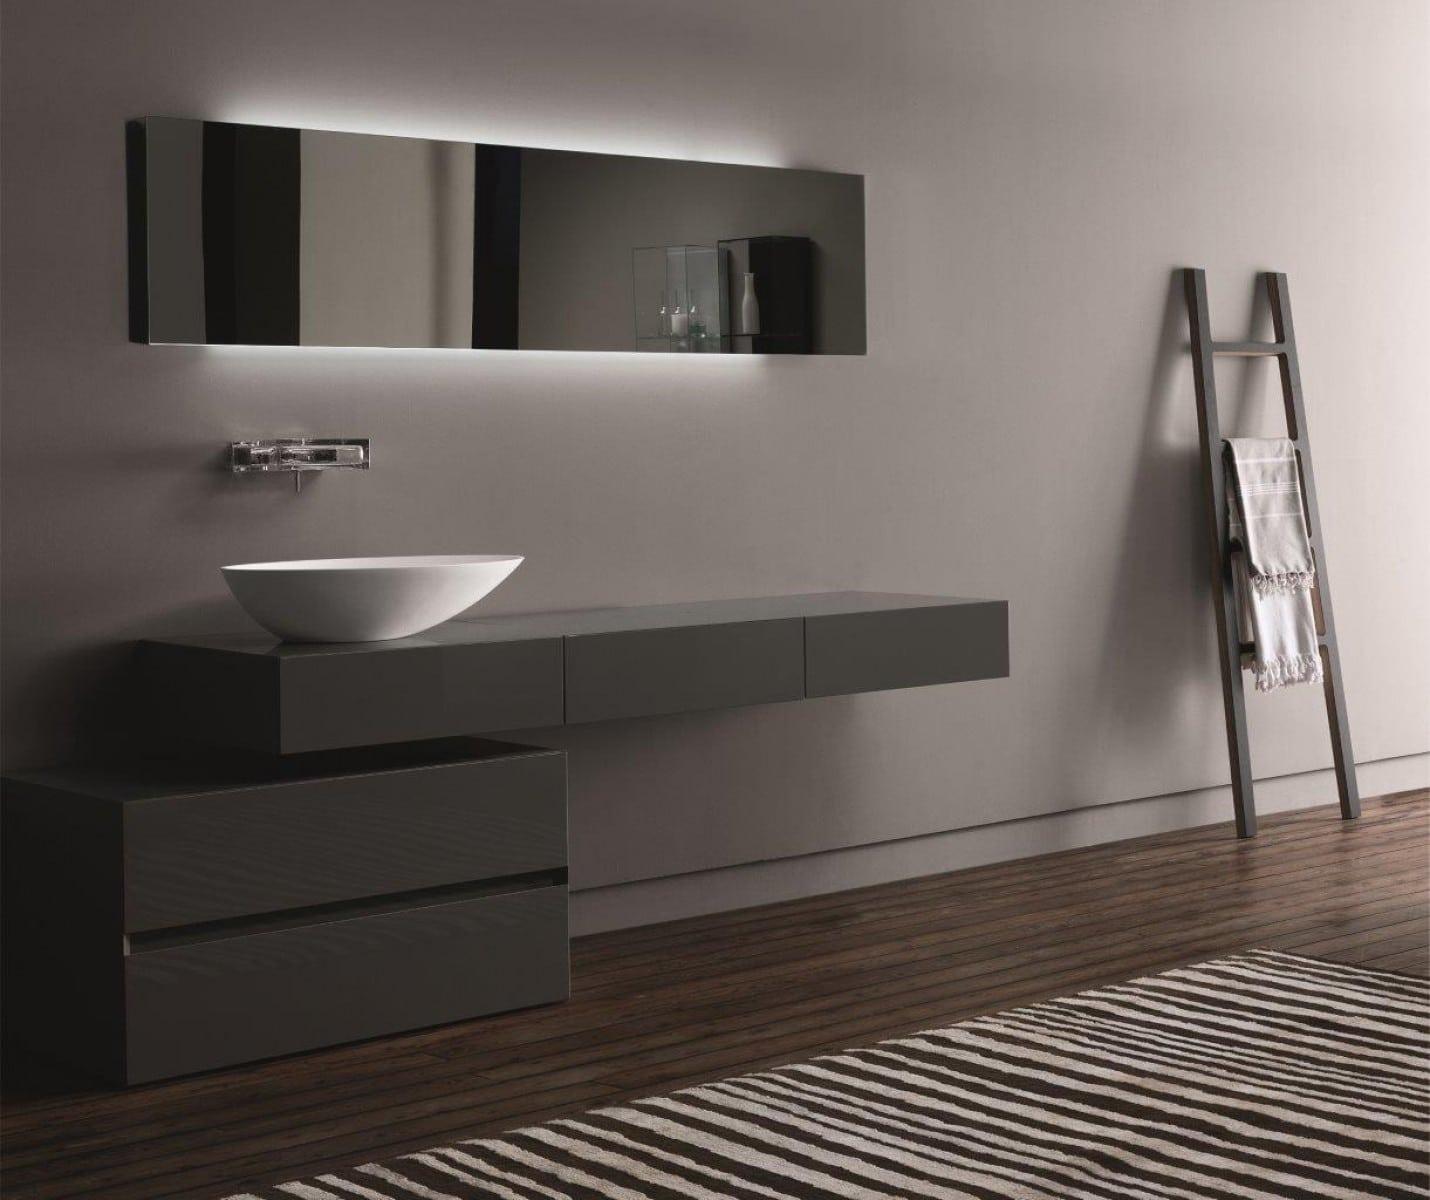 Dise o de cuartos de ba o modernos fotos construye hogar - Tendencias en cuartos de bano ...